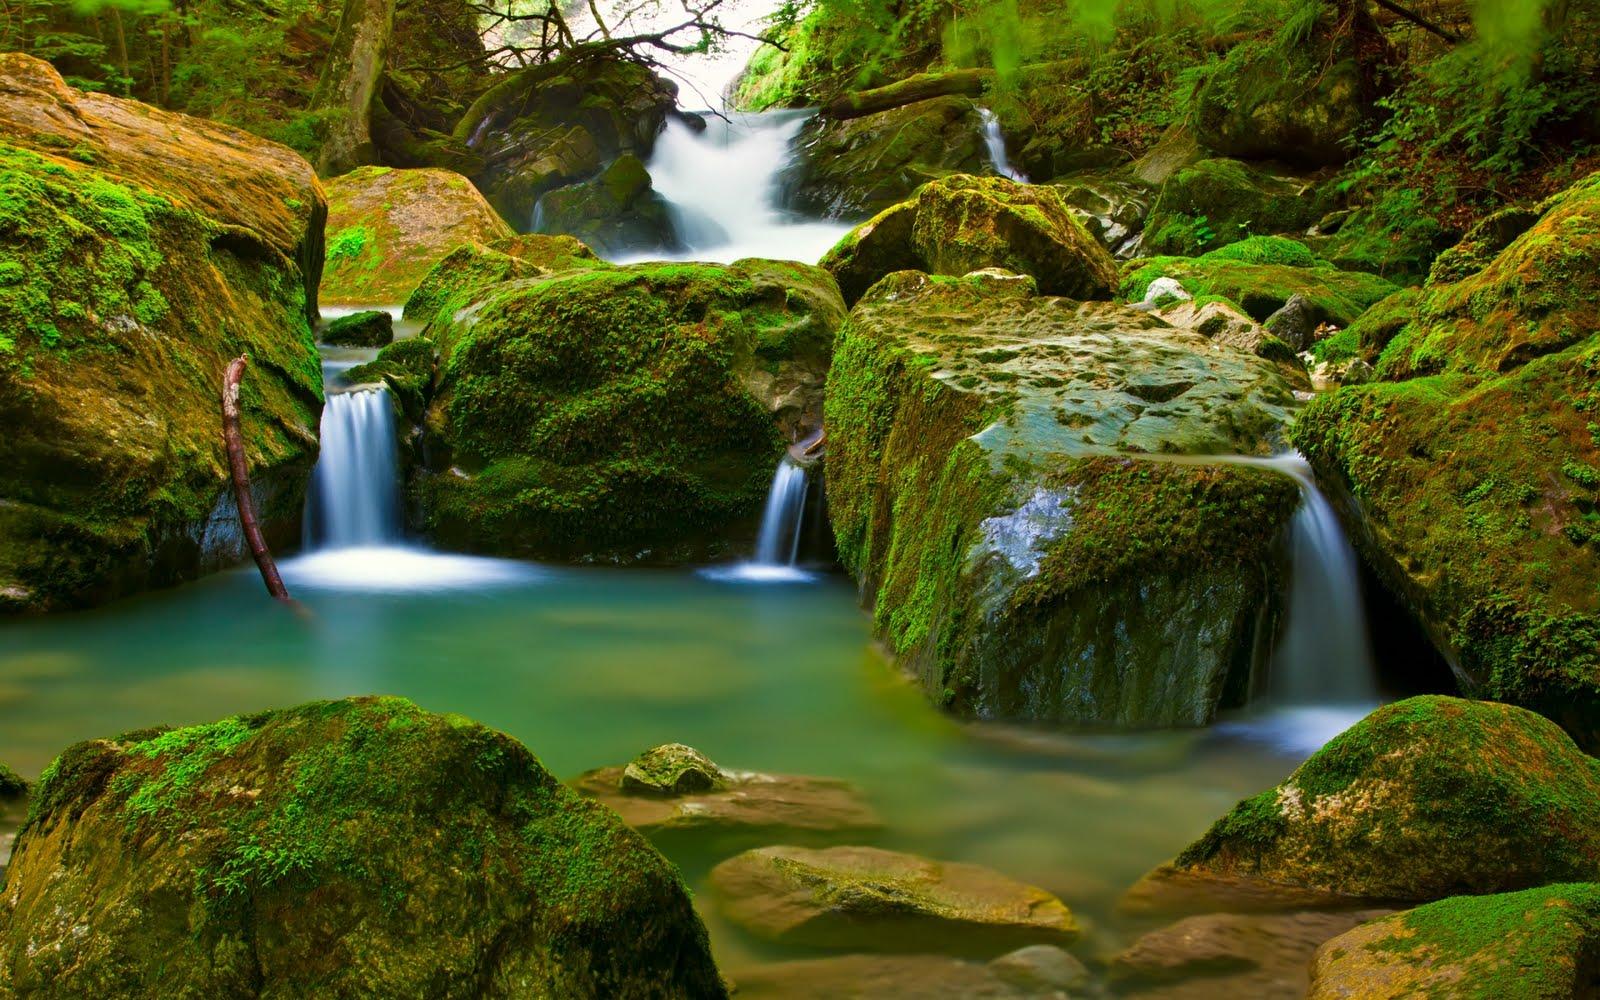 Las mejores imágenes y fotografías de paisajes naturales the best